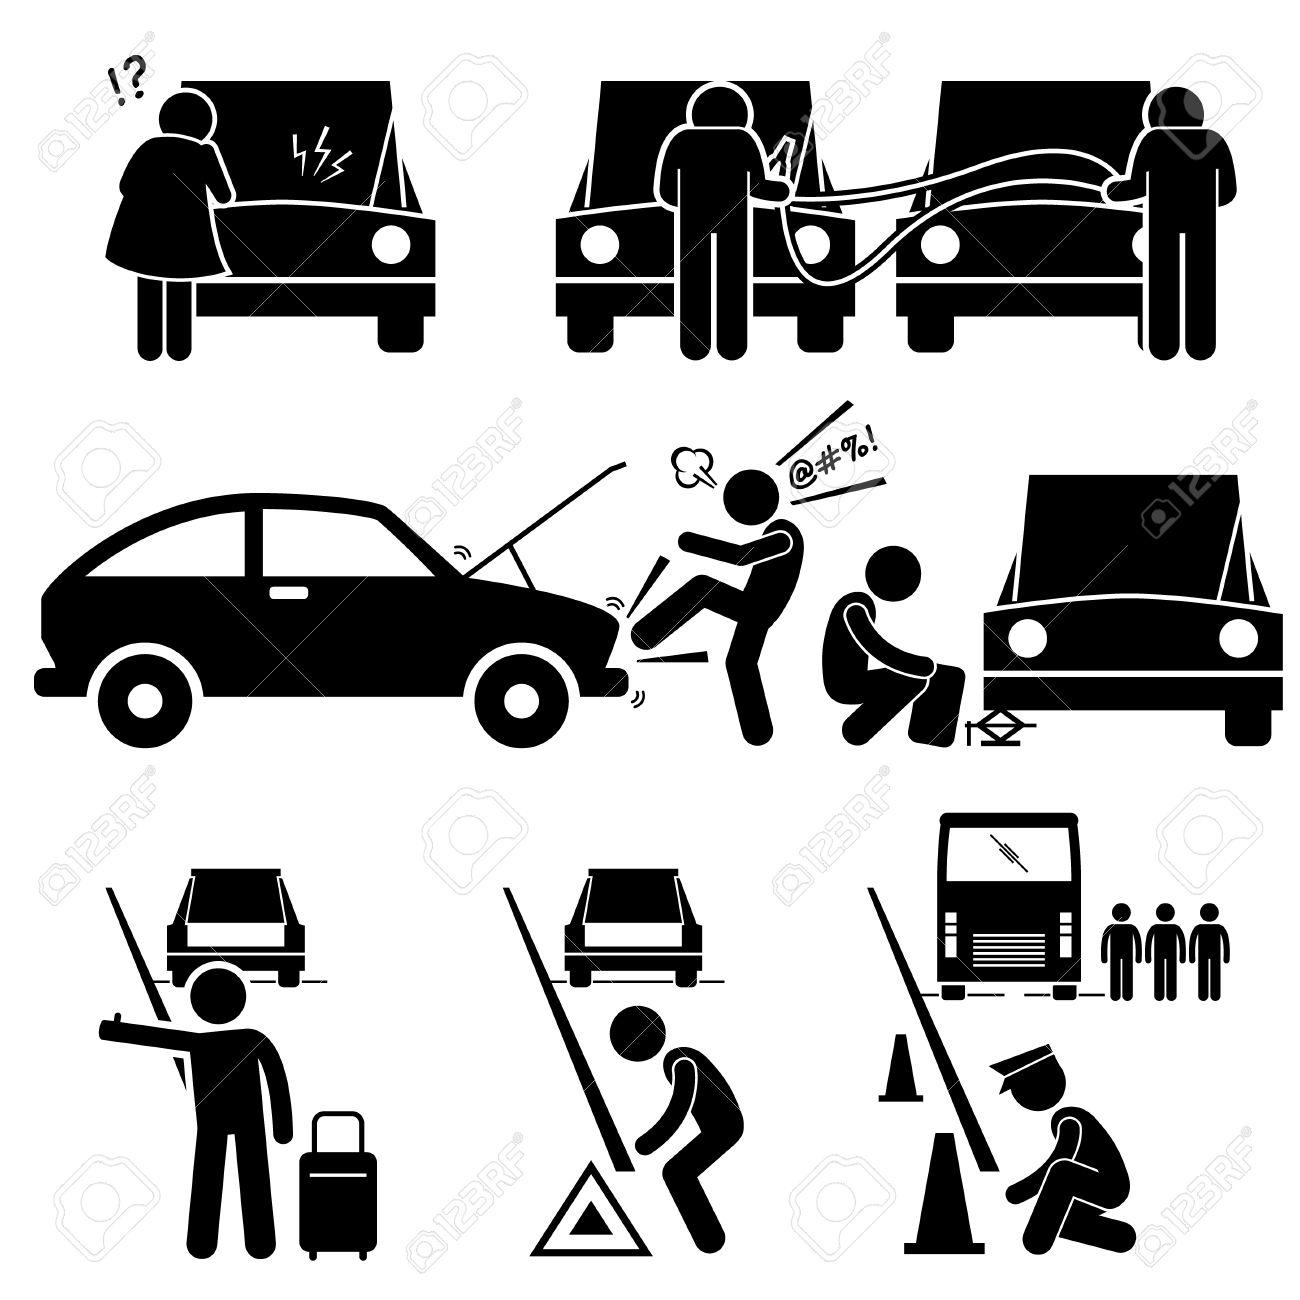 Brach Eine Autopanne Befestigung Unten Reparatur Am Straßenrand ...